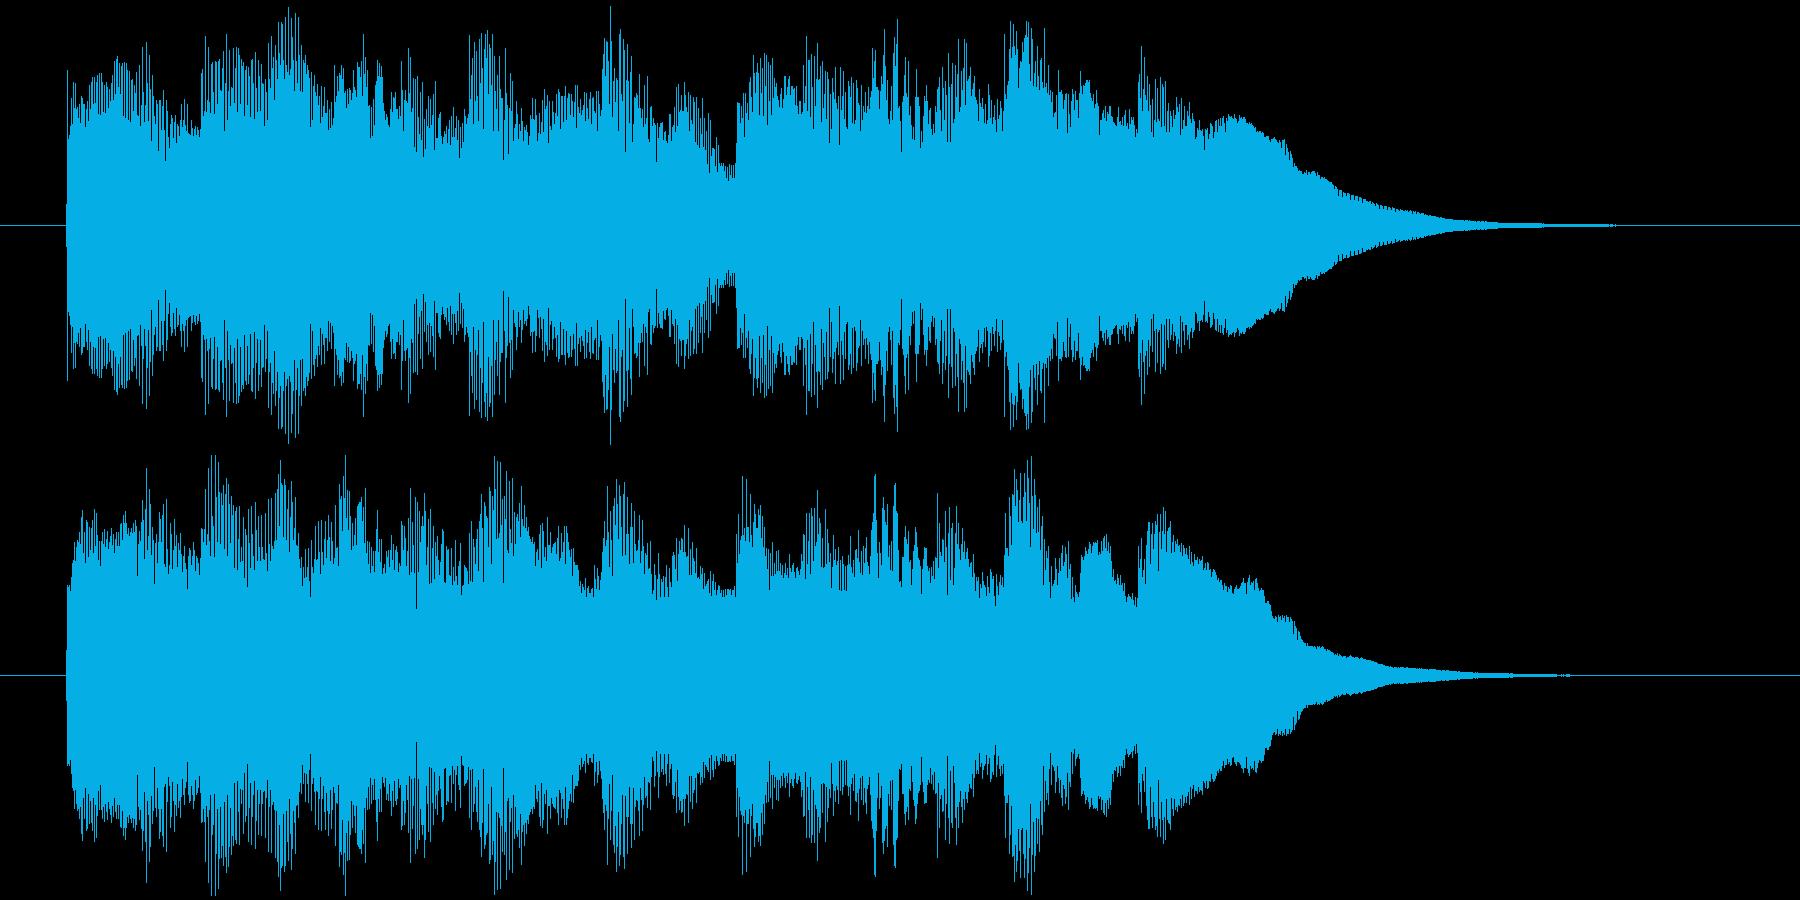 場面転換などに。可愛らしいジングルその4の再生済みの波形